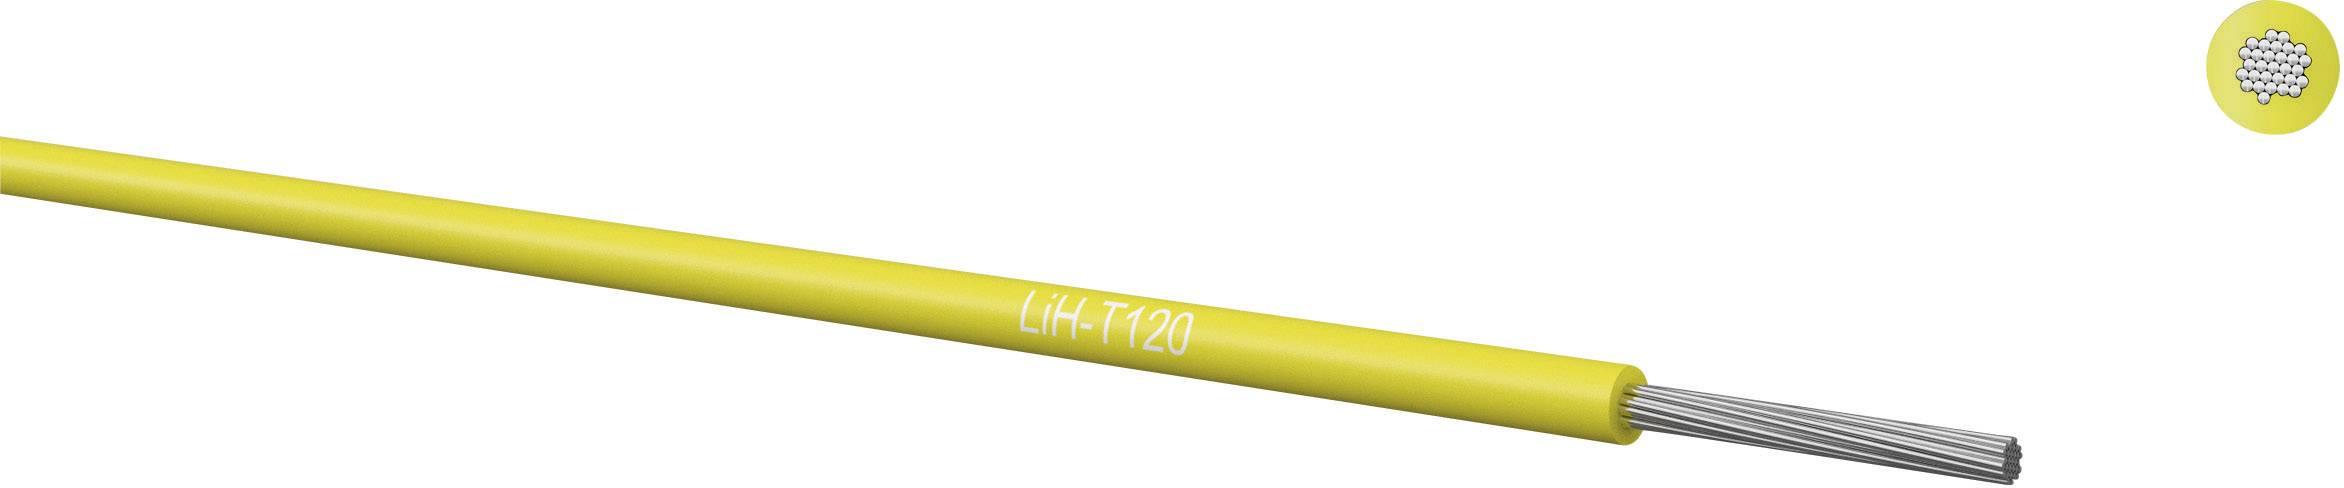 Opletenie / lanko Kabeltronik 065001408 LiH-T, 1 x 0.14 mm², vonkajší Ø 0.85 mm, 100 m, červená